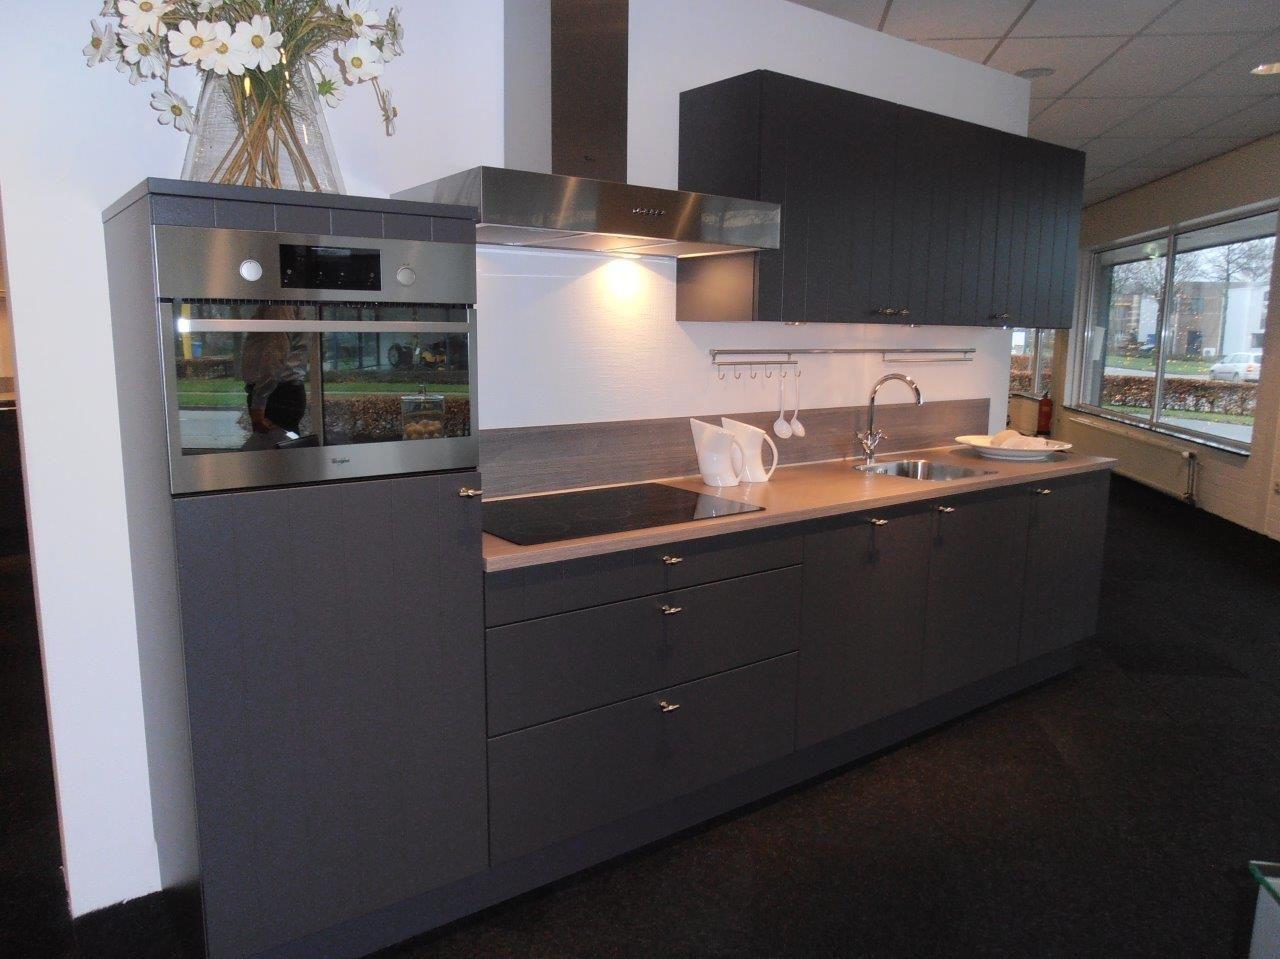 Keuken Van Antraciet : Rechte landelijke keuken in antraciet keuken in